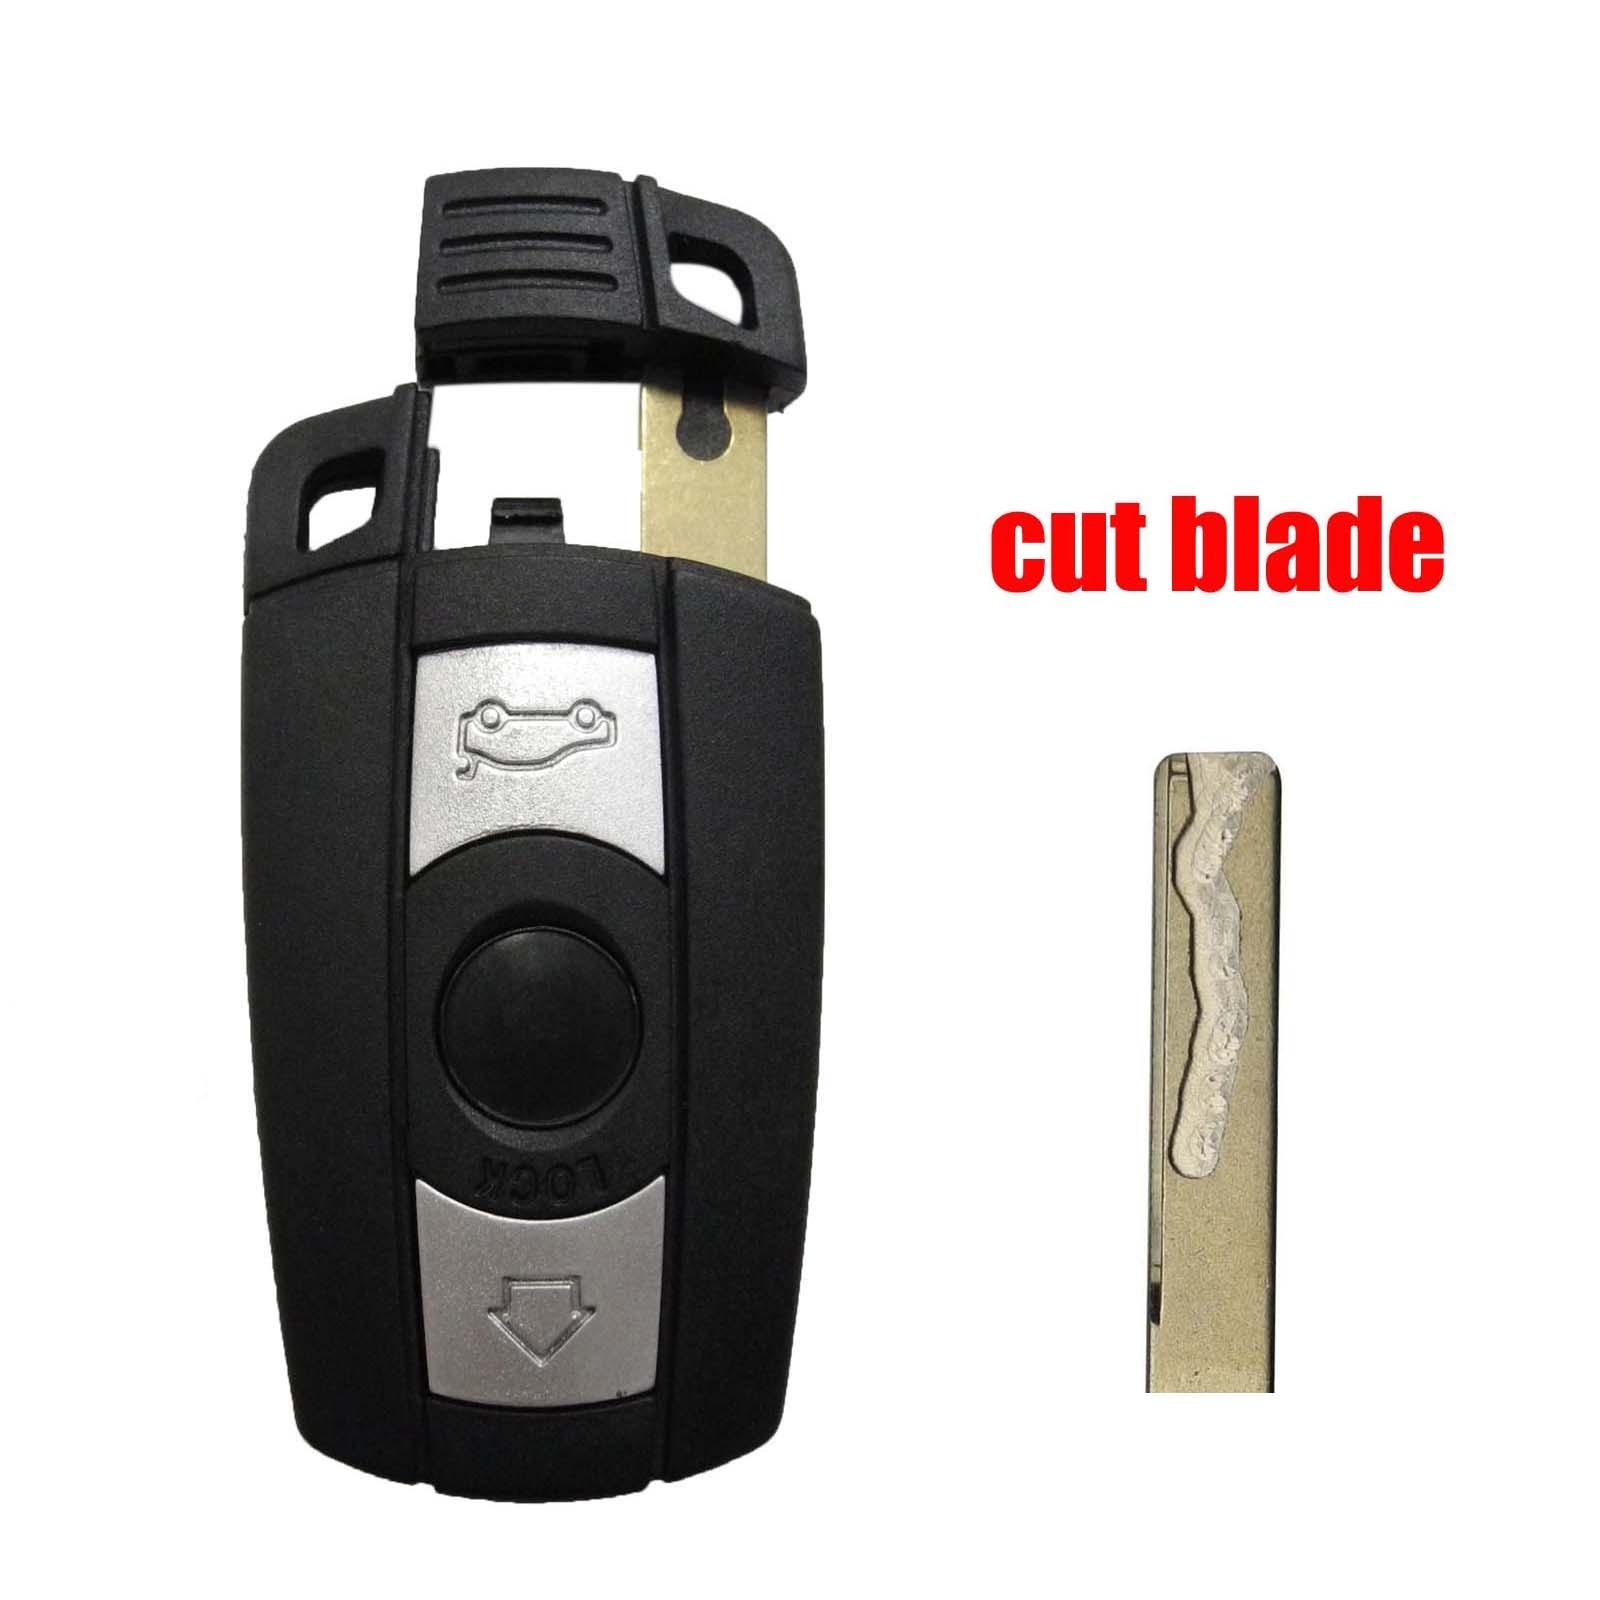 Bmw Car Key Cutting: Jingyuqin Cut Blade Remote Smart Car Key Blade Fob For BMW